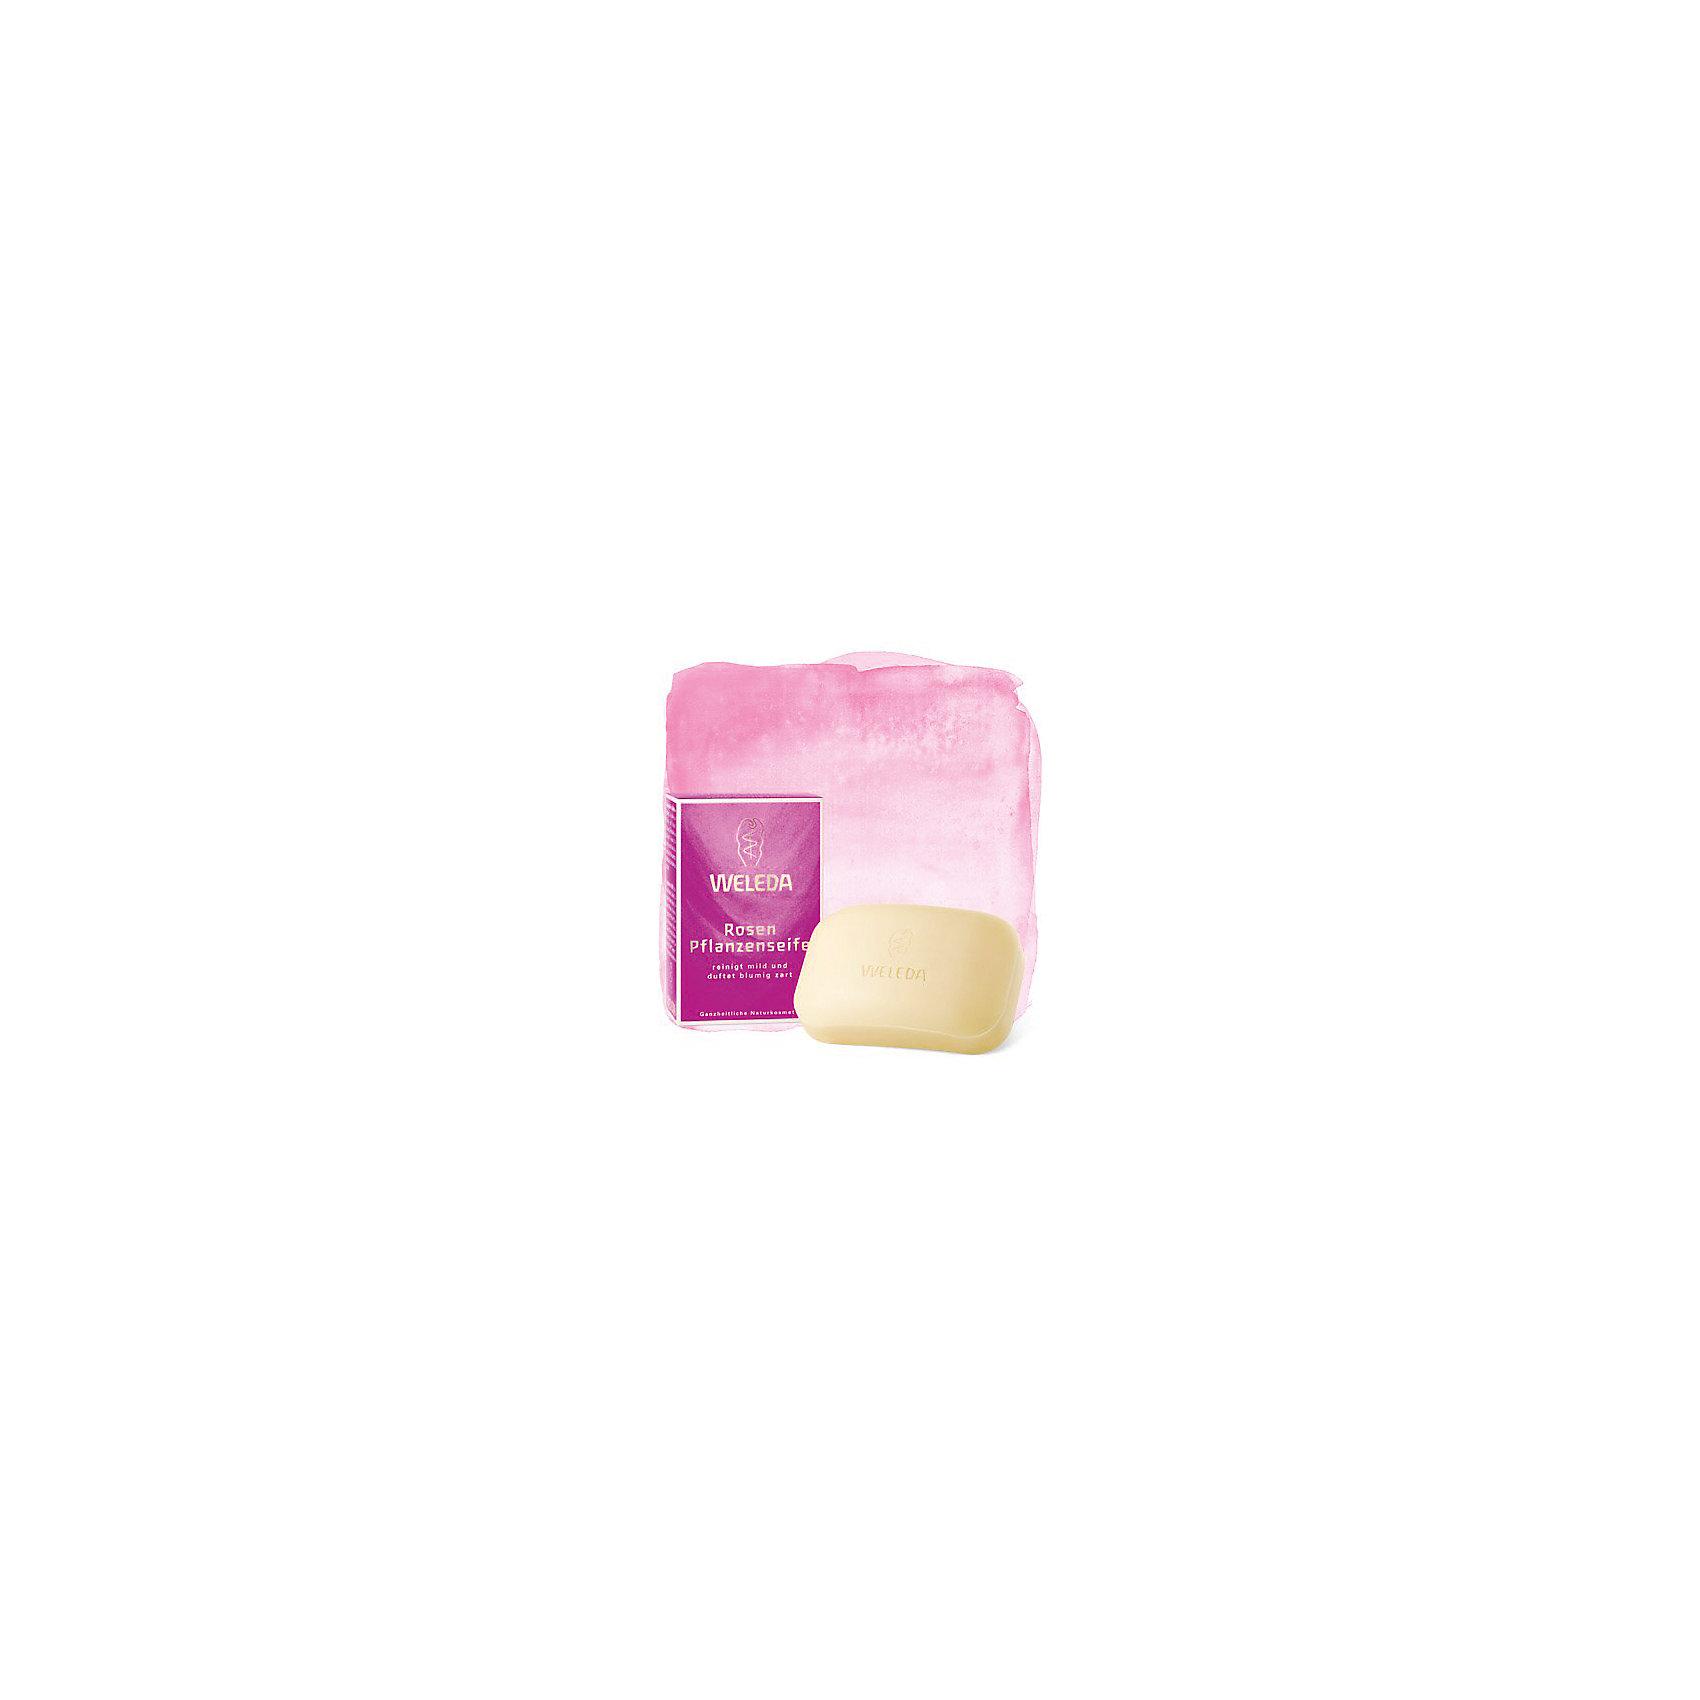 Мыло розовое растительное, 100гр., WeledaСредства для ухода<br>Характеристики:<br><br>• Тип средства: мыло <br>• Предназначение: для ухода за кожей, для утреннего умывания<br>• Пол: универсальный<br>• Объем: 100 гр<br>• Подходит для чувствительной кожи<br>• Форма выпуска: твердое<br>• Состав: вода, глицерин, экстракт дамасской розы, ромашки, фиалки трехцветной, вытяжки из натуральных масел и др.<br>• Упаковка: картонная коробка<br>• Размер упаковка: 3*2,5*2 см<br>• Вес в упаковке: 270 г<br>• Средство имеет сертификаты Natrue, Vegan<br>• Особенности хранения: хранить в прохладном темном месте <br><br>Мыло розовое растительное, 100 гр., Weleda разработано немецким производителем косметических и гигиенических средств натурального происхождения. Средство состоит из натуральных компонентов, которые выращены под контролем качества компании-производителя. Микроэлементы получены по инновационной технологии, которая обеспечивает сохранение полезных свойств натуральных эфирных масел. <br><br>Мыло предназначено для бережного очищения кожи лица и рук. При намыливании образуется нежная и мягкая пена. При применении мыла розмаринового растительного, 100 гр., Weleda не появляется чувство стянутости и сухости кожи.<br><br>Мыло розовое растительное, 100 гр., Weleda можно купить в нашем интернет-магазине.<br><br>Ширина мм: 30<br>Глубина мм: 25<br>Высота мм: 20<br>Вес г: 100<br>Возраст от месяцев: 216<br>Возраст до месяцев: 1188<br>Пол: Унисекс<br>Возраст: Детский<br>SKU: 5399002